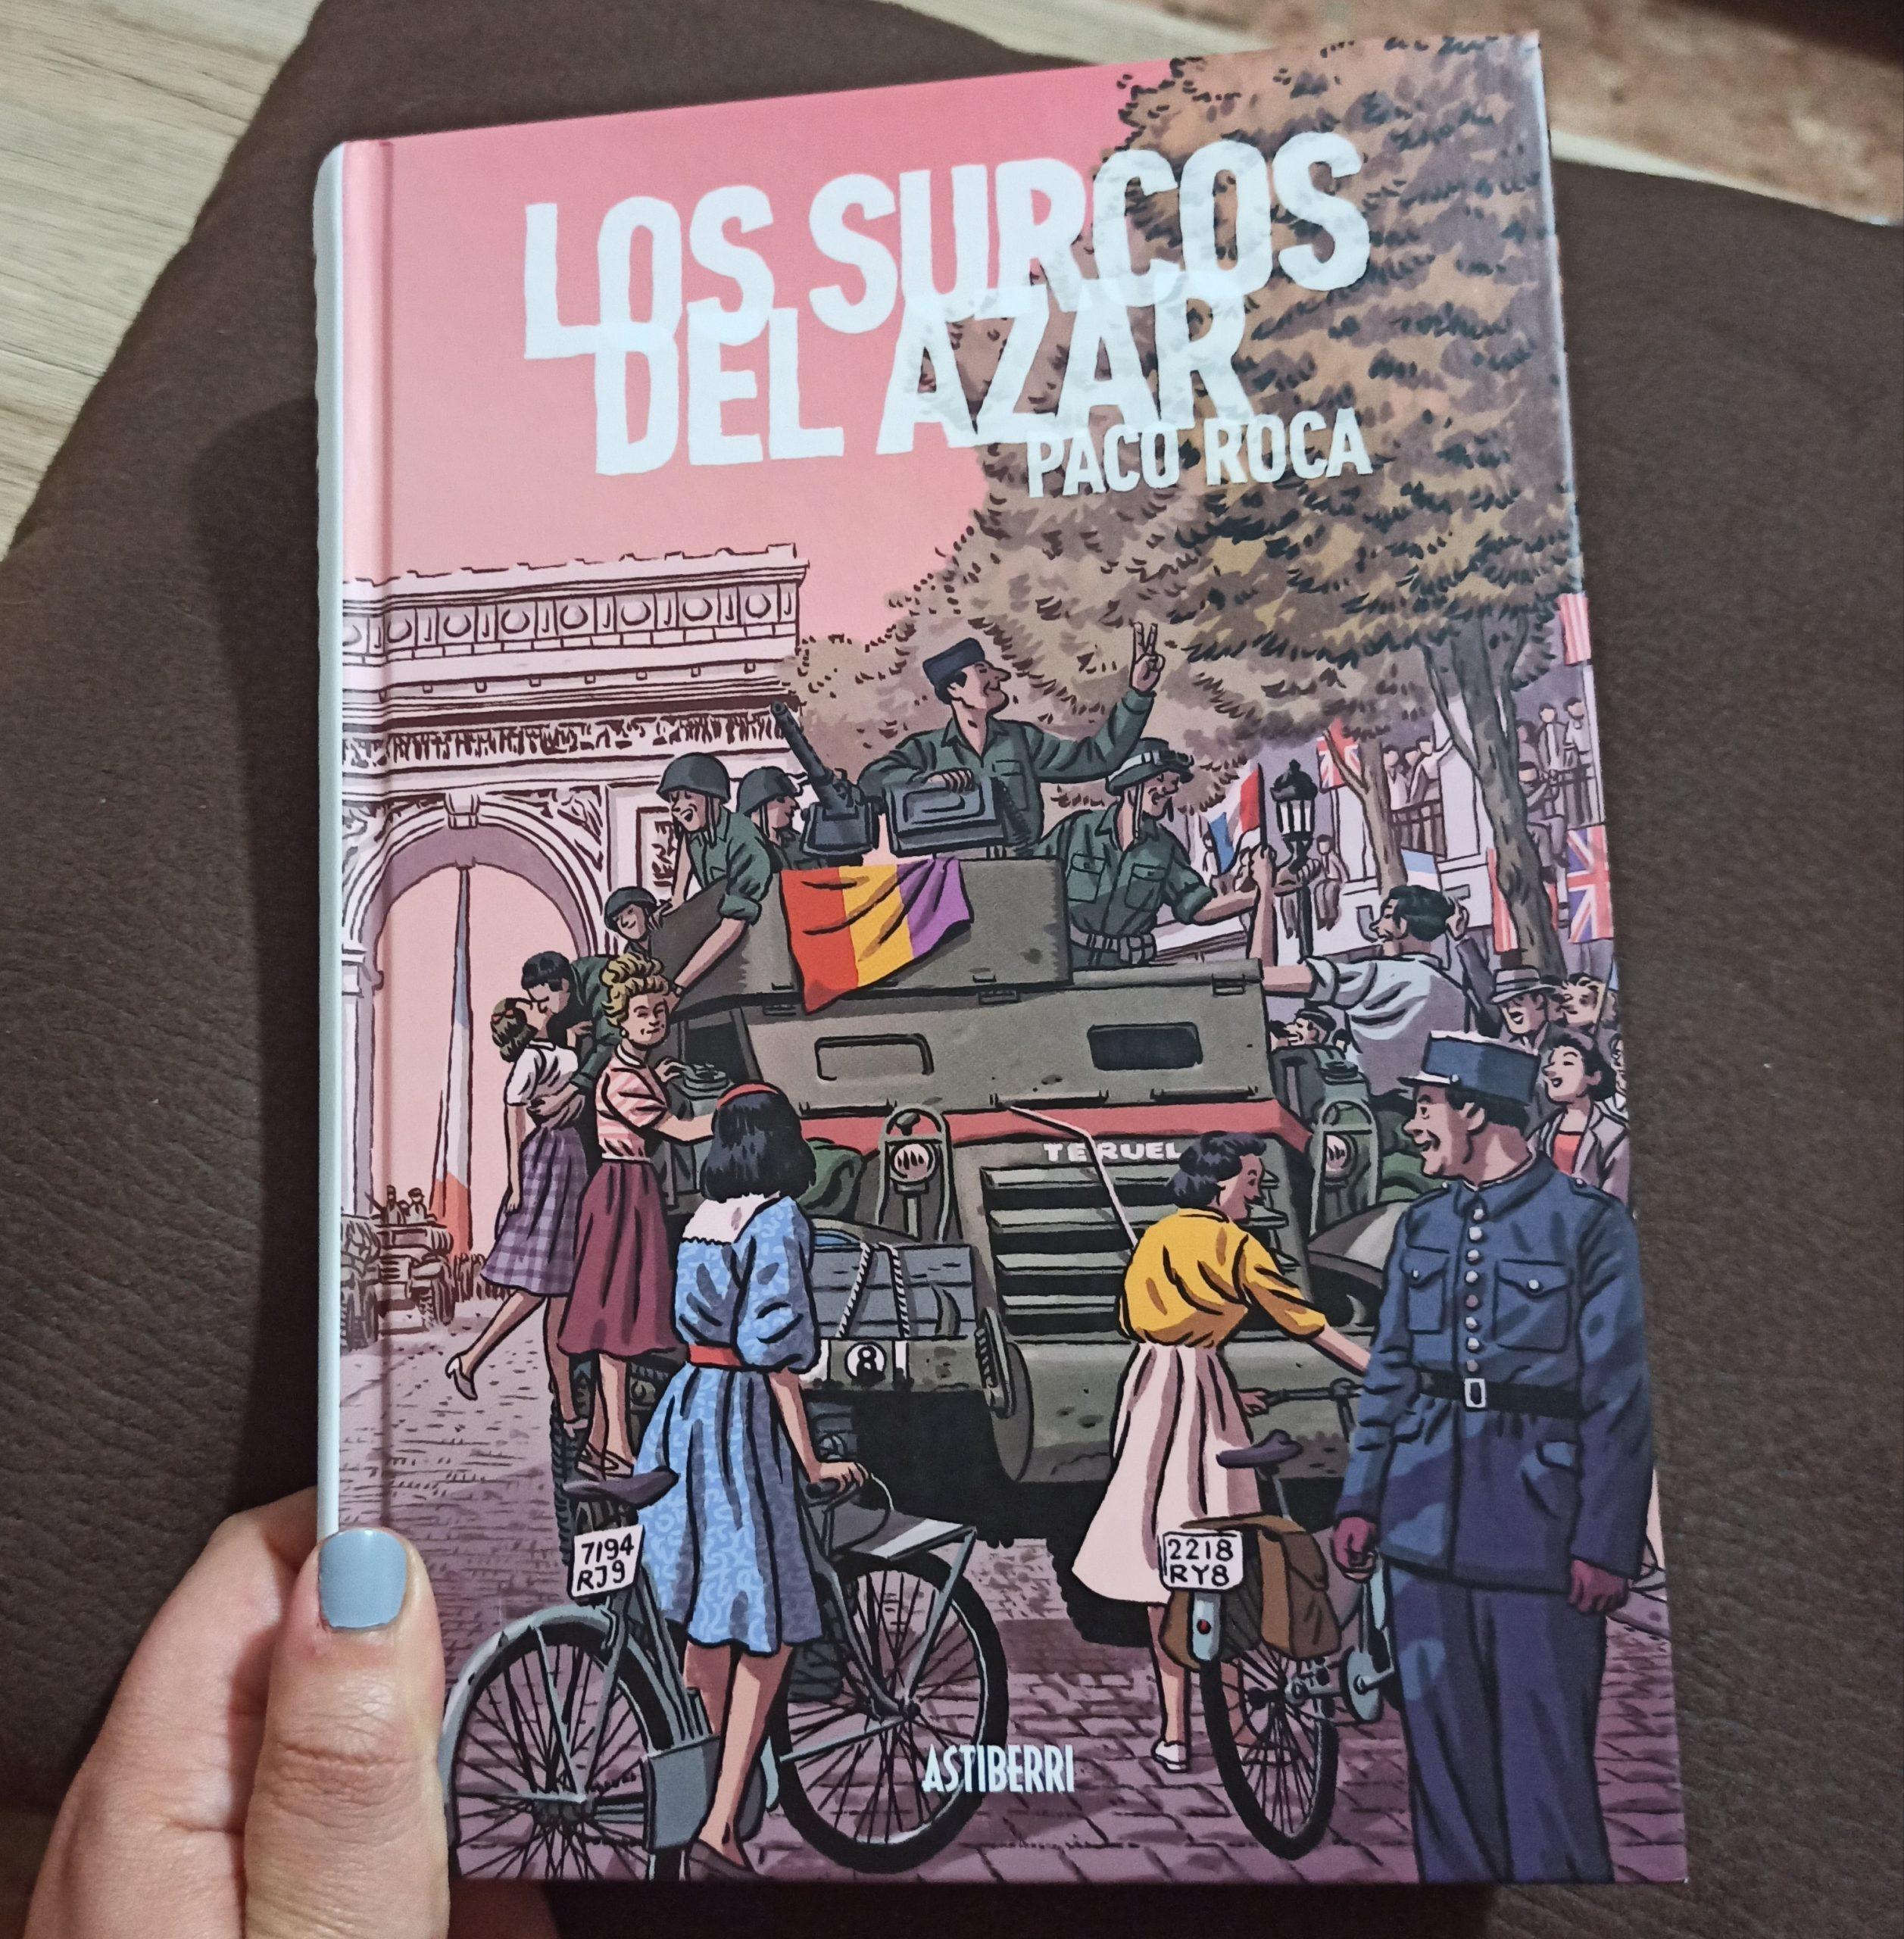 LOS SURCOS DEL AZAR, de Paco Roca.